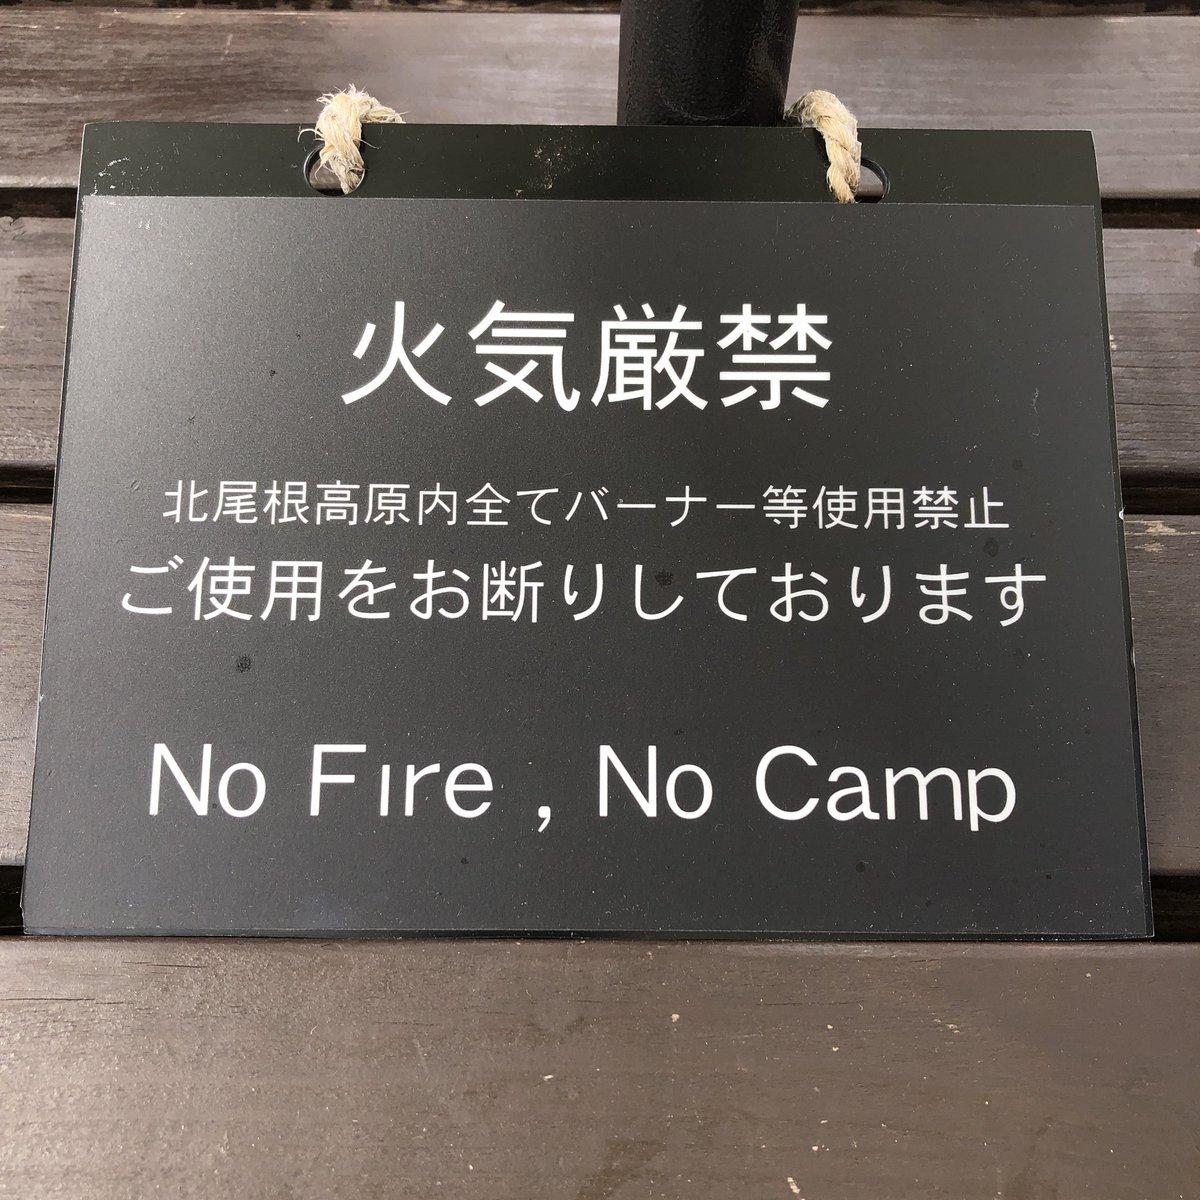 英訳おかしくないか?